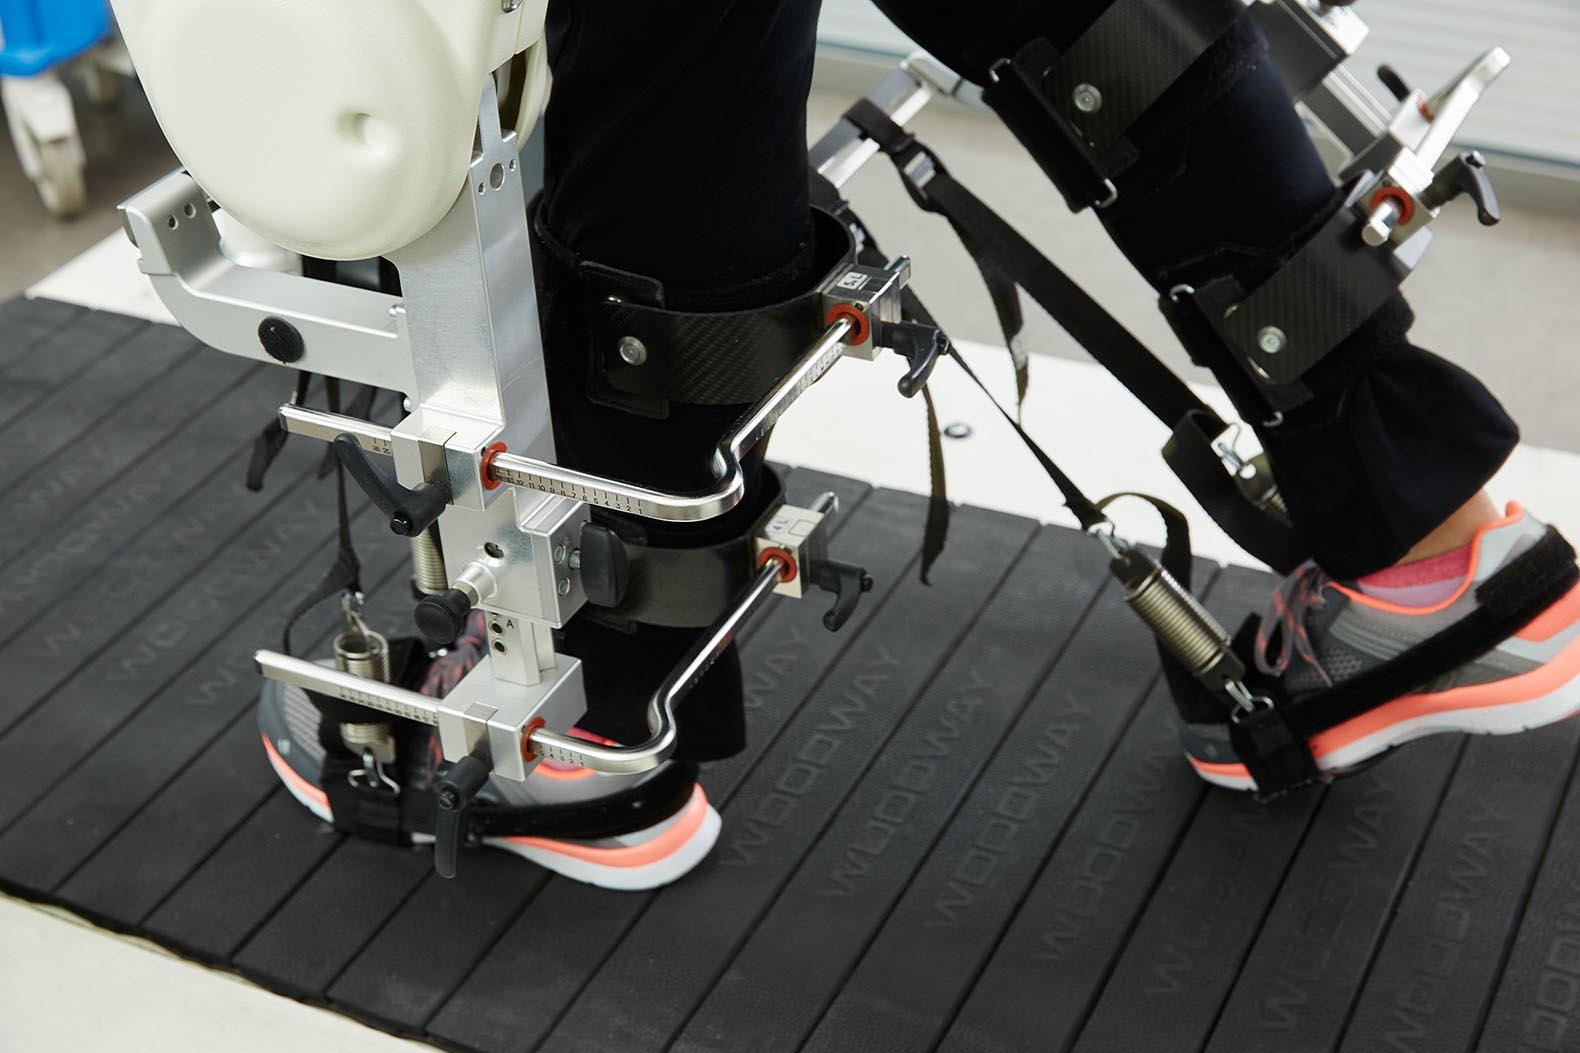 ρομποτική τεχνολογία αποκατάστασης